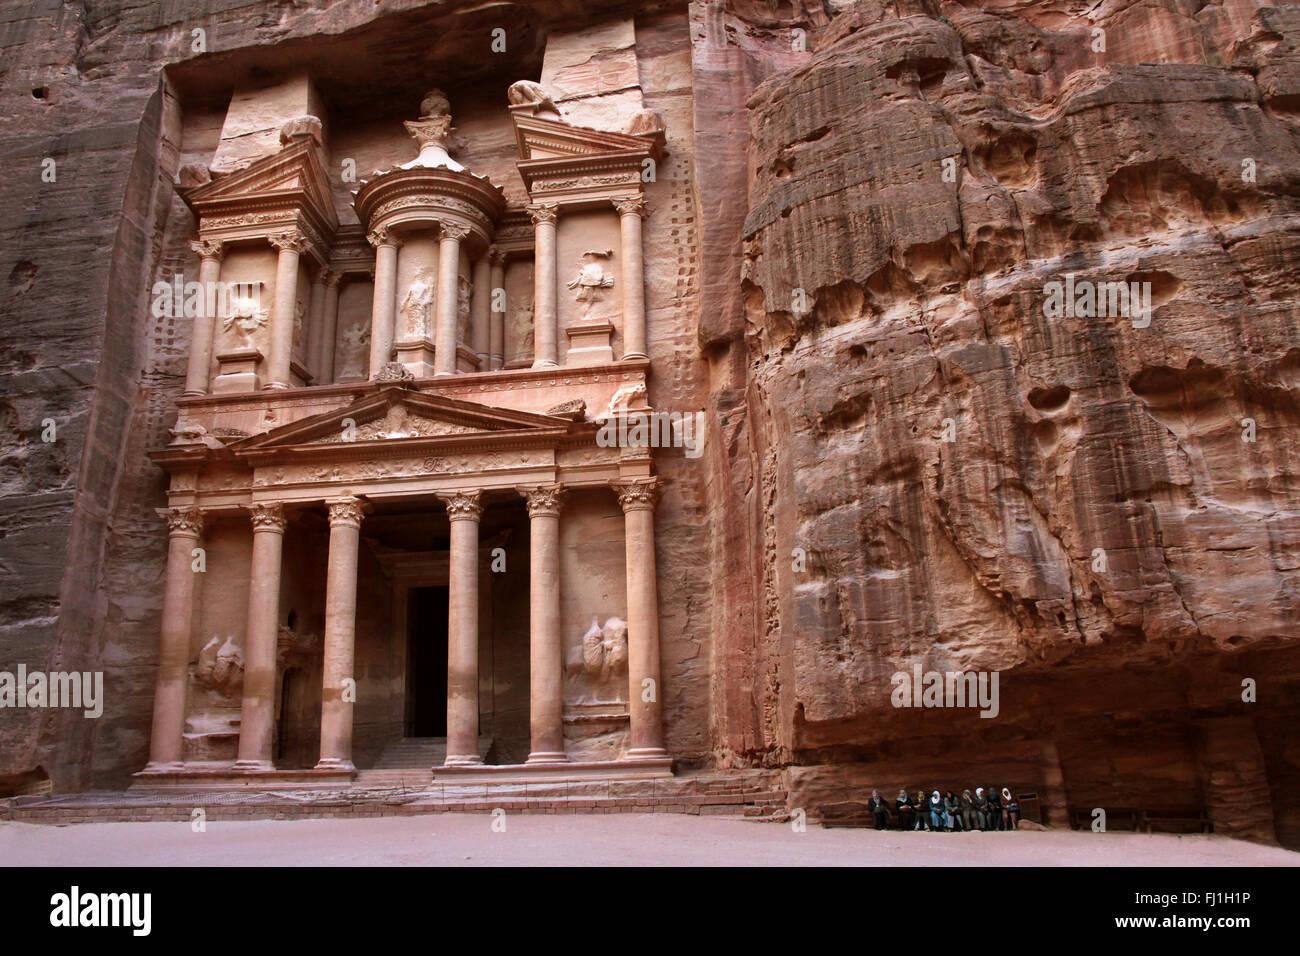 Al-Khazneh - The Treasury - Petra, Jordan - Stock Image